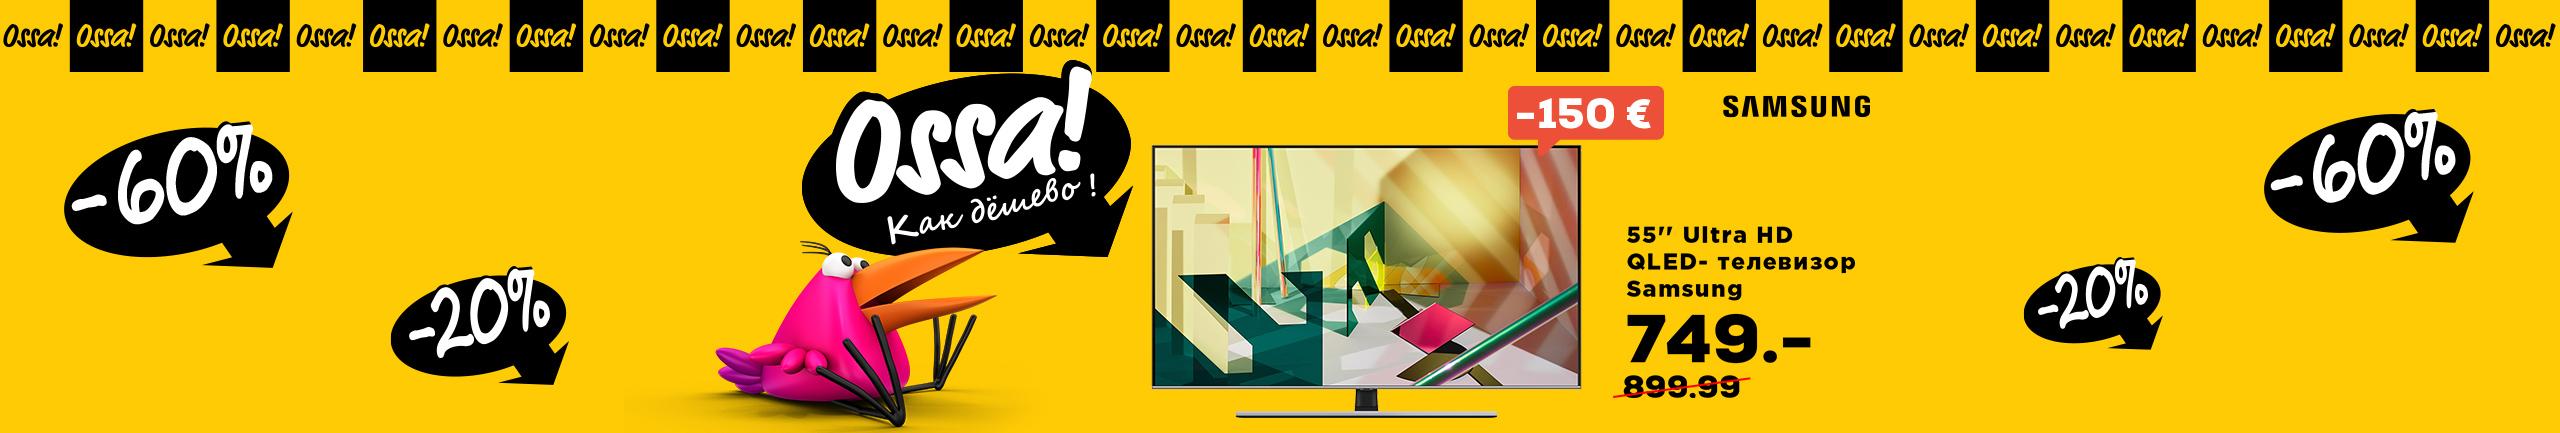 """FP Slider Ossa! 2021 Samsung 55"""" HD QLEDTV"""